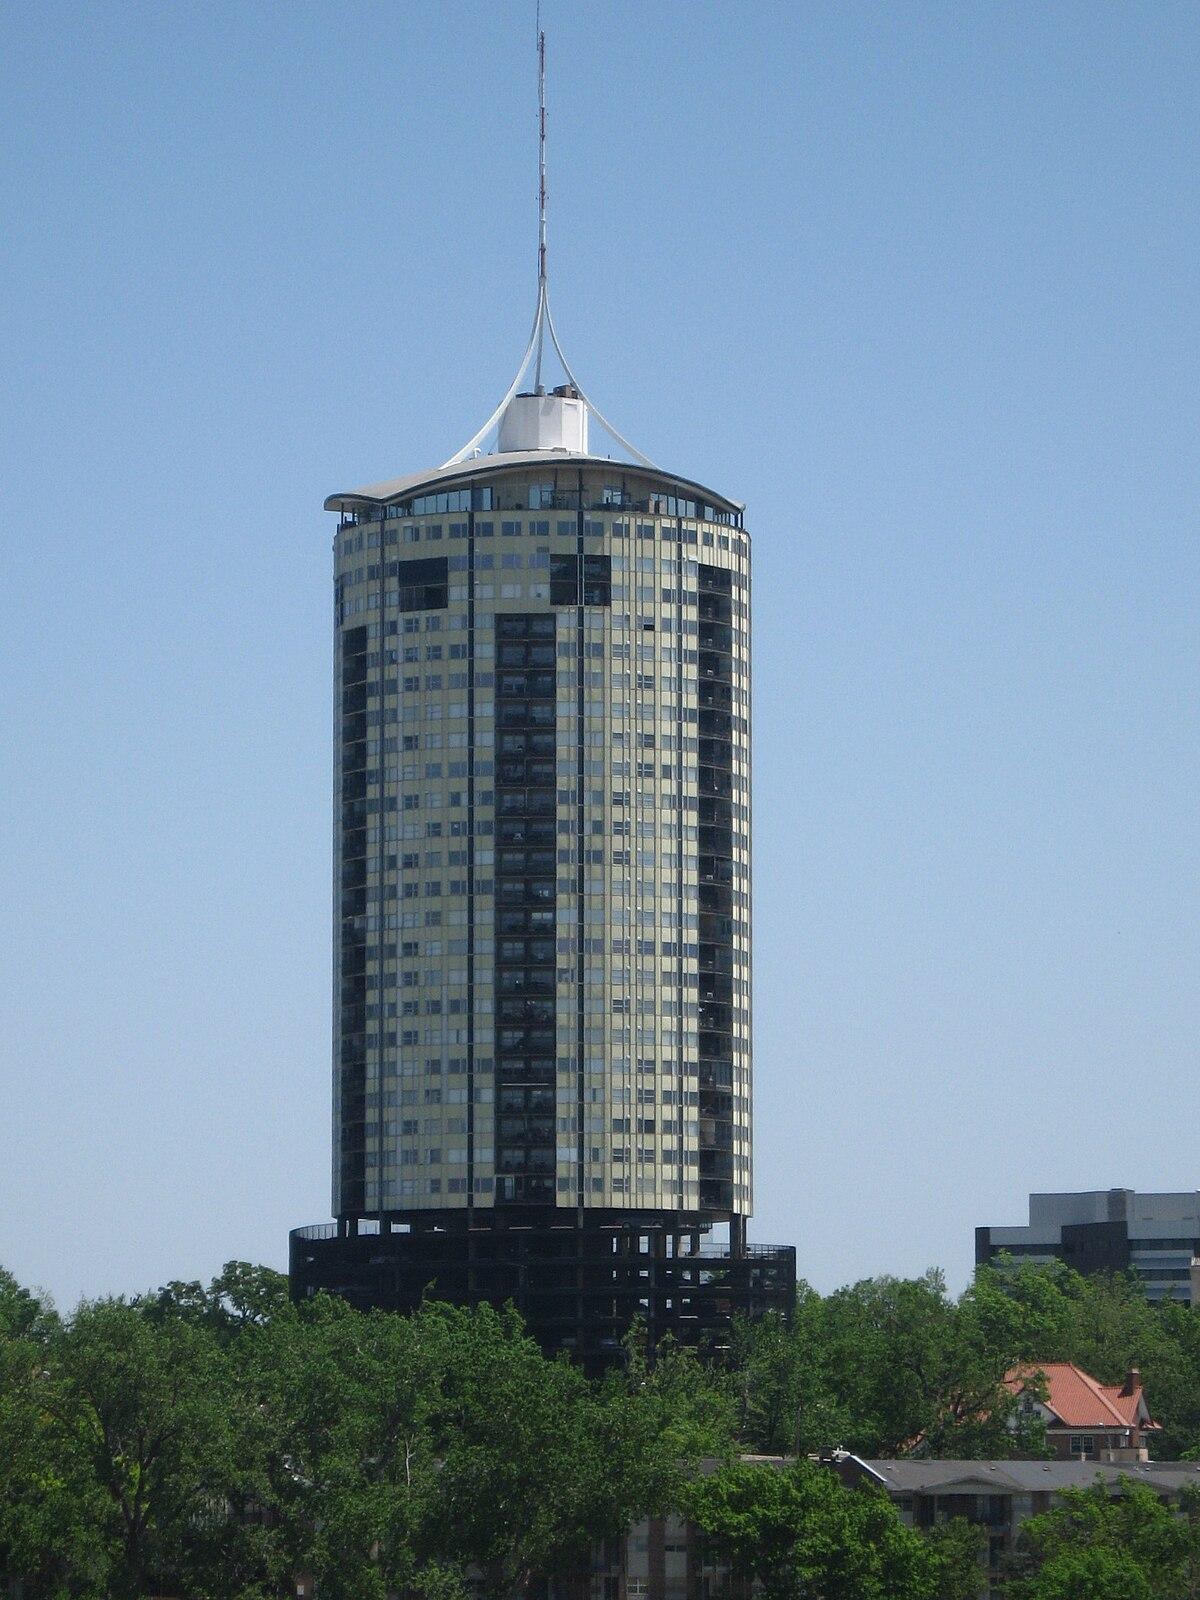 University Club Tower Tulsa Wikipedia